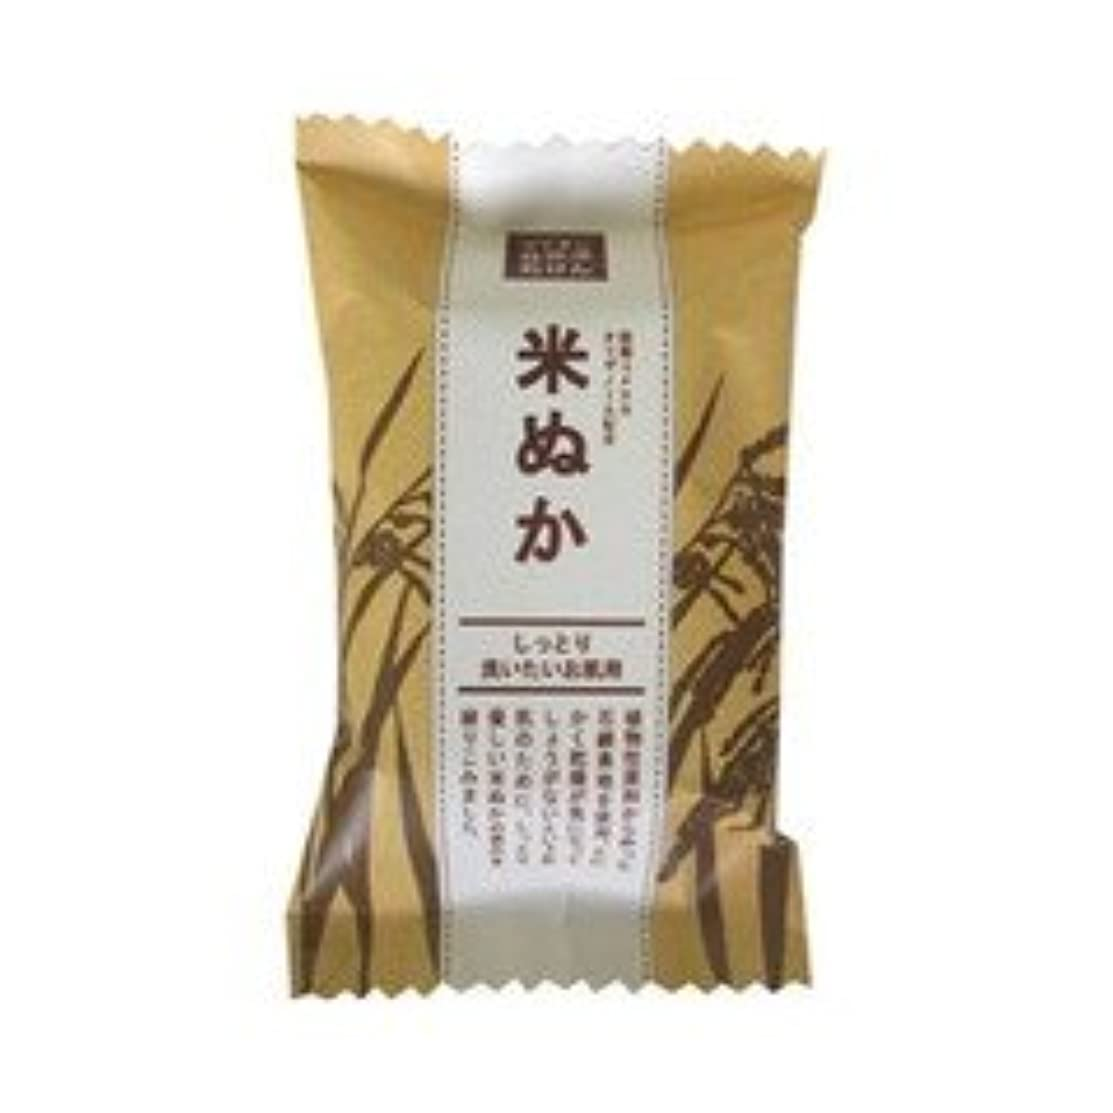 テクニカルランチョン生きているペリカン石鹸 ペリカン自然派石けん米ぬか